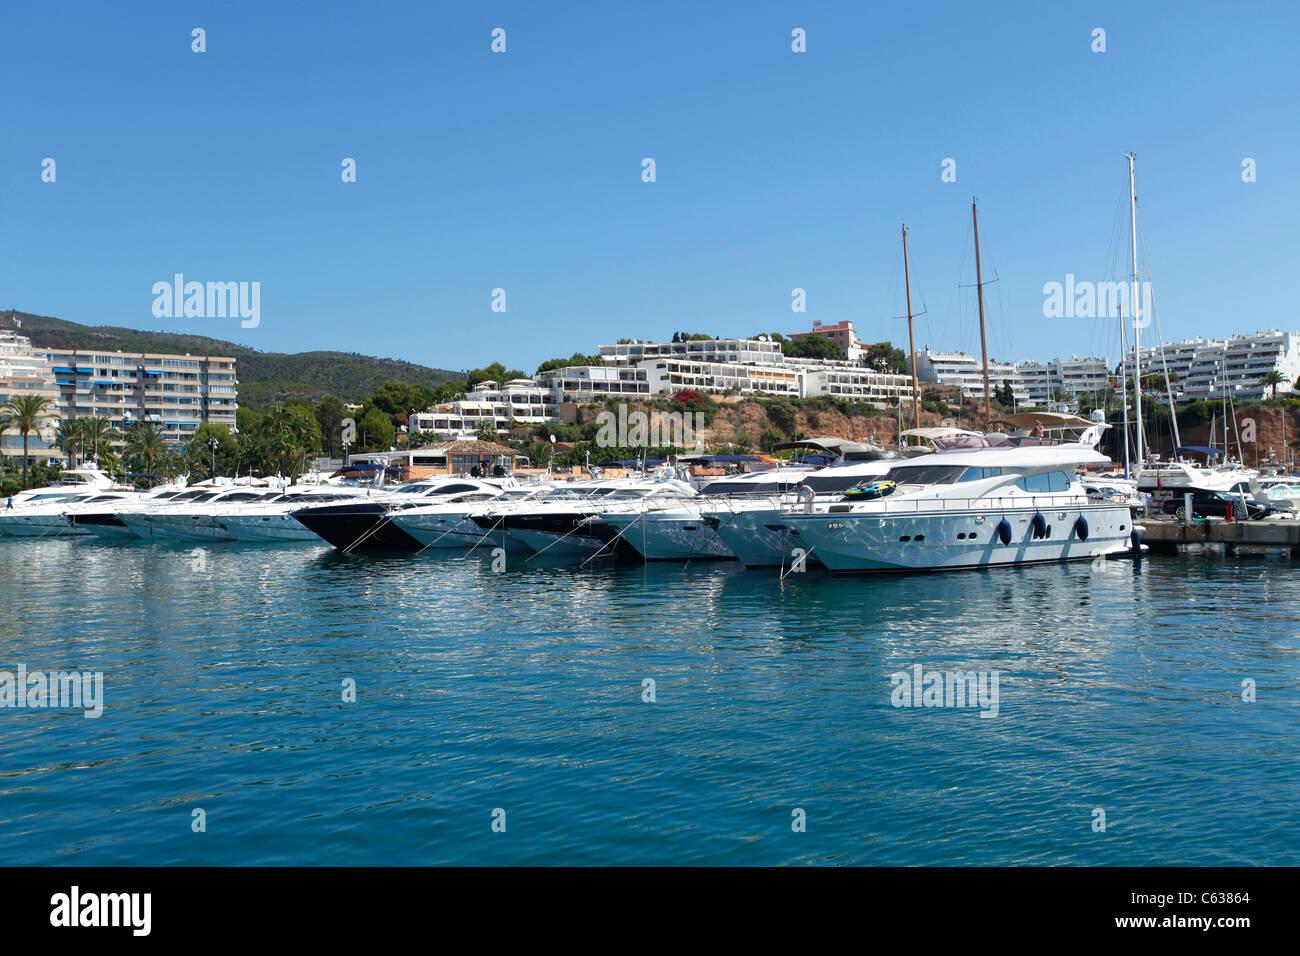 Puerto Portals in Majorca - Stock Image